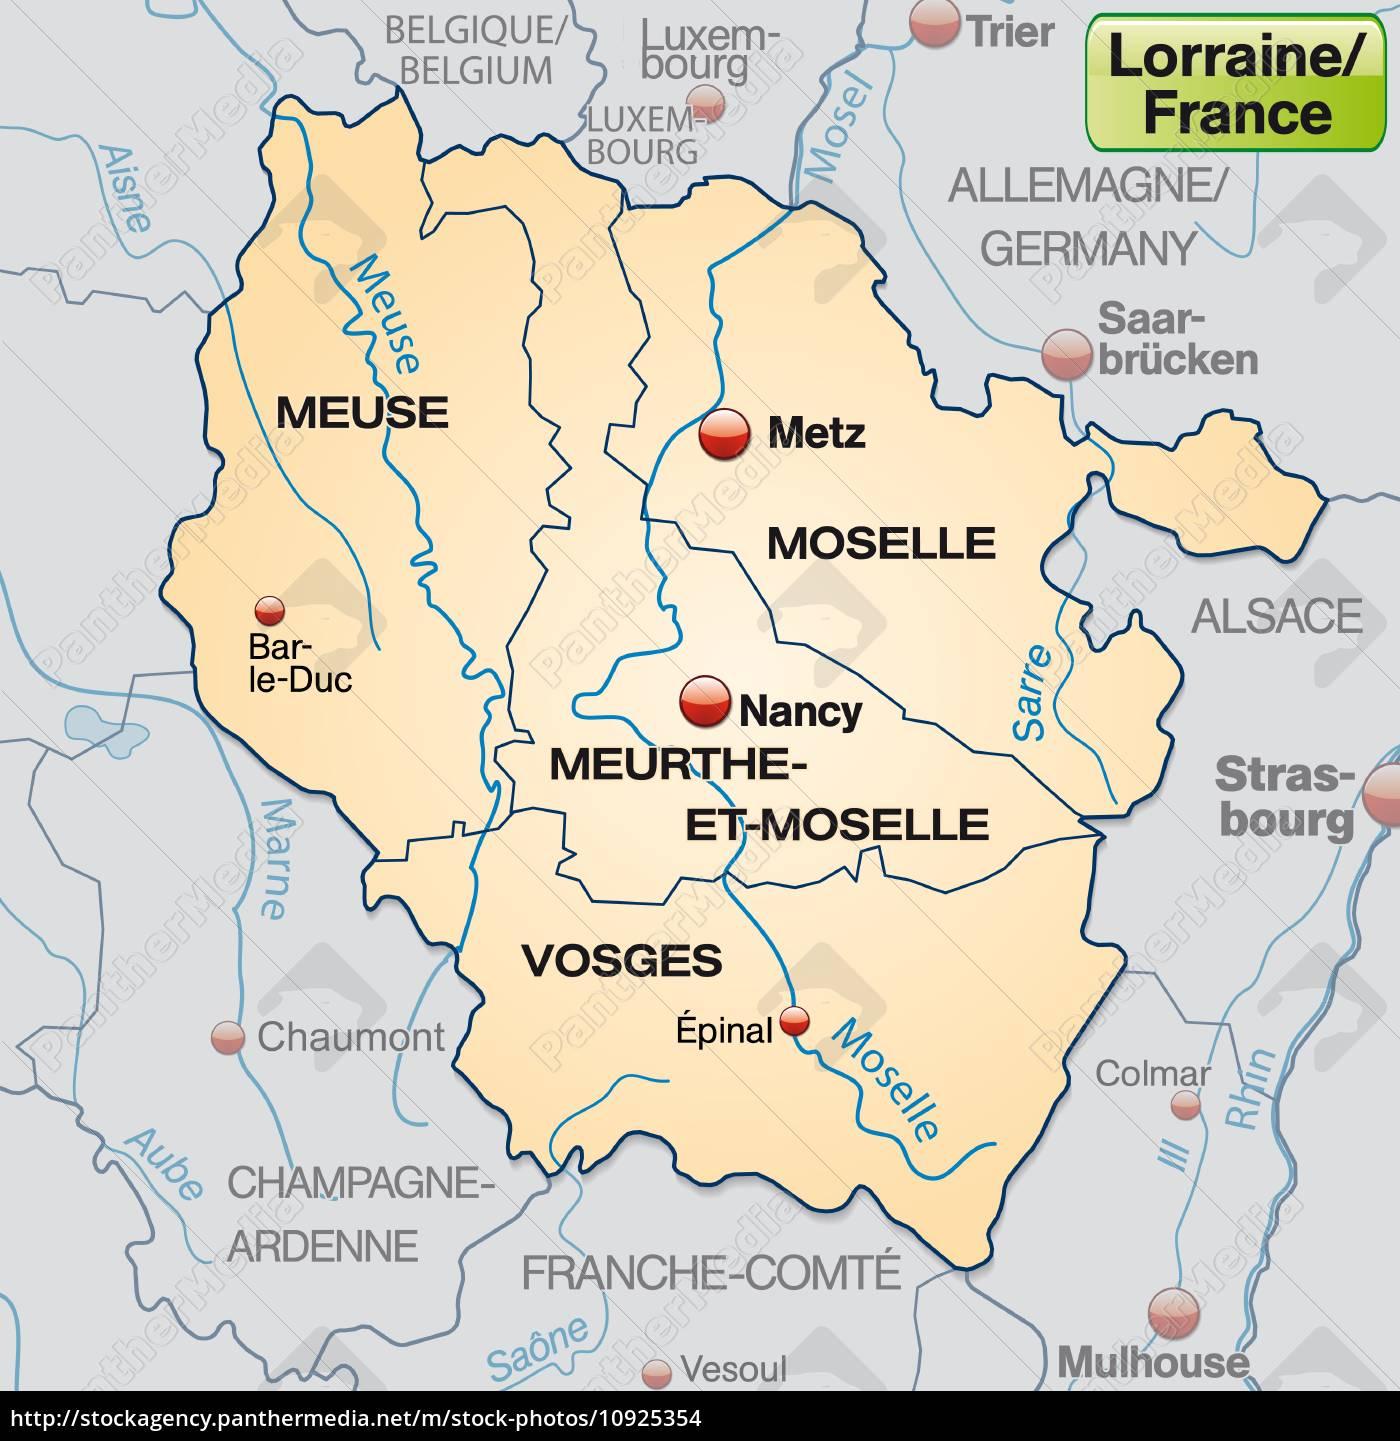 Lothringen Karte.Stock Bild 10925354 Karte Von Lothringen Mit Grenzen In Pastellorange